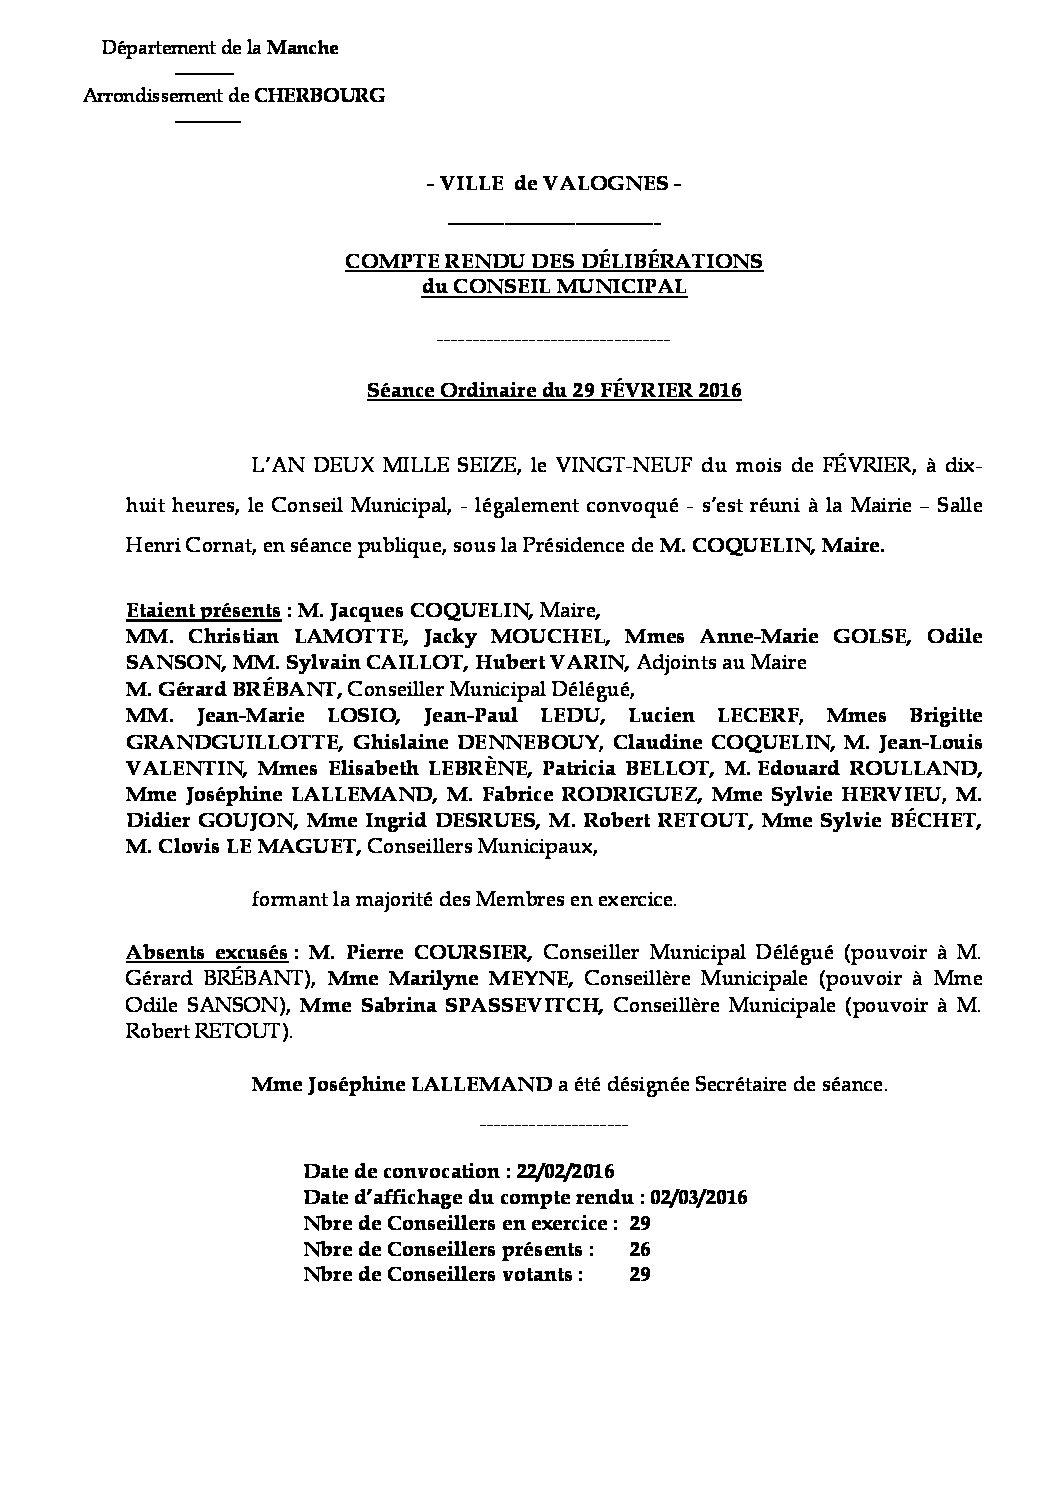 Extrait du registre des délibérations du 29-02-2016 - Compte rendu des questions soumises à délibération lors de la séance du Conseil Municipal du 29 février 2016